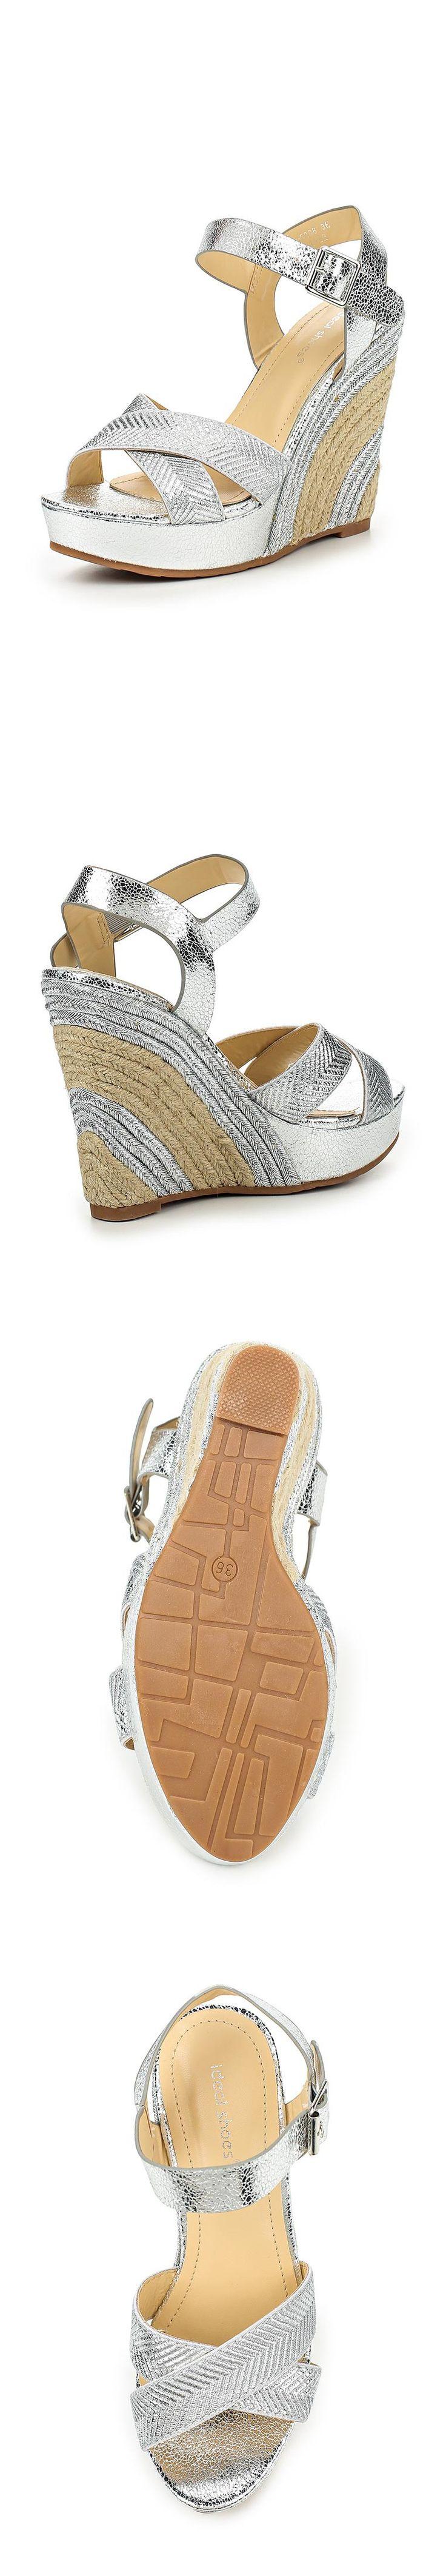 Женская обувь босоножки Ideal за 2390.00 руб.